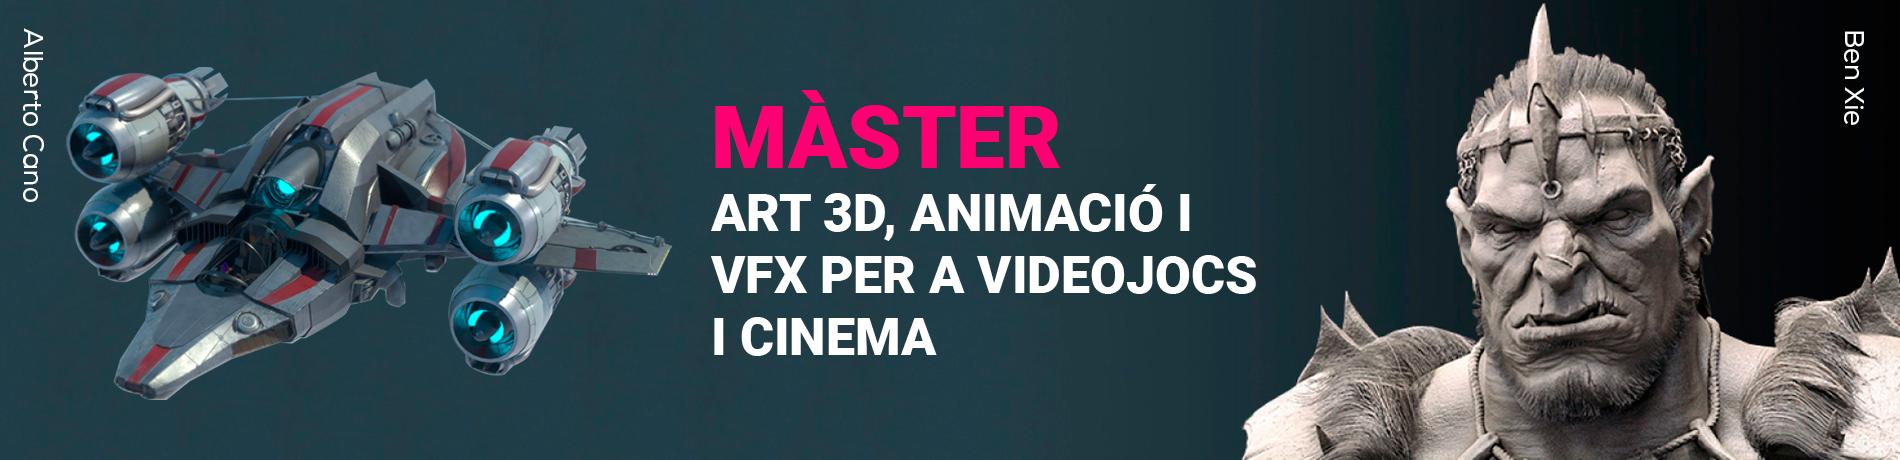 Màster en Art 3D, Animació i Efectes Visuals per a Videojocs i Cinema